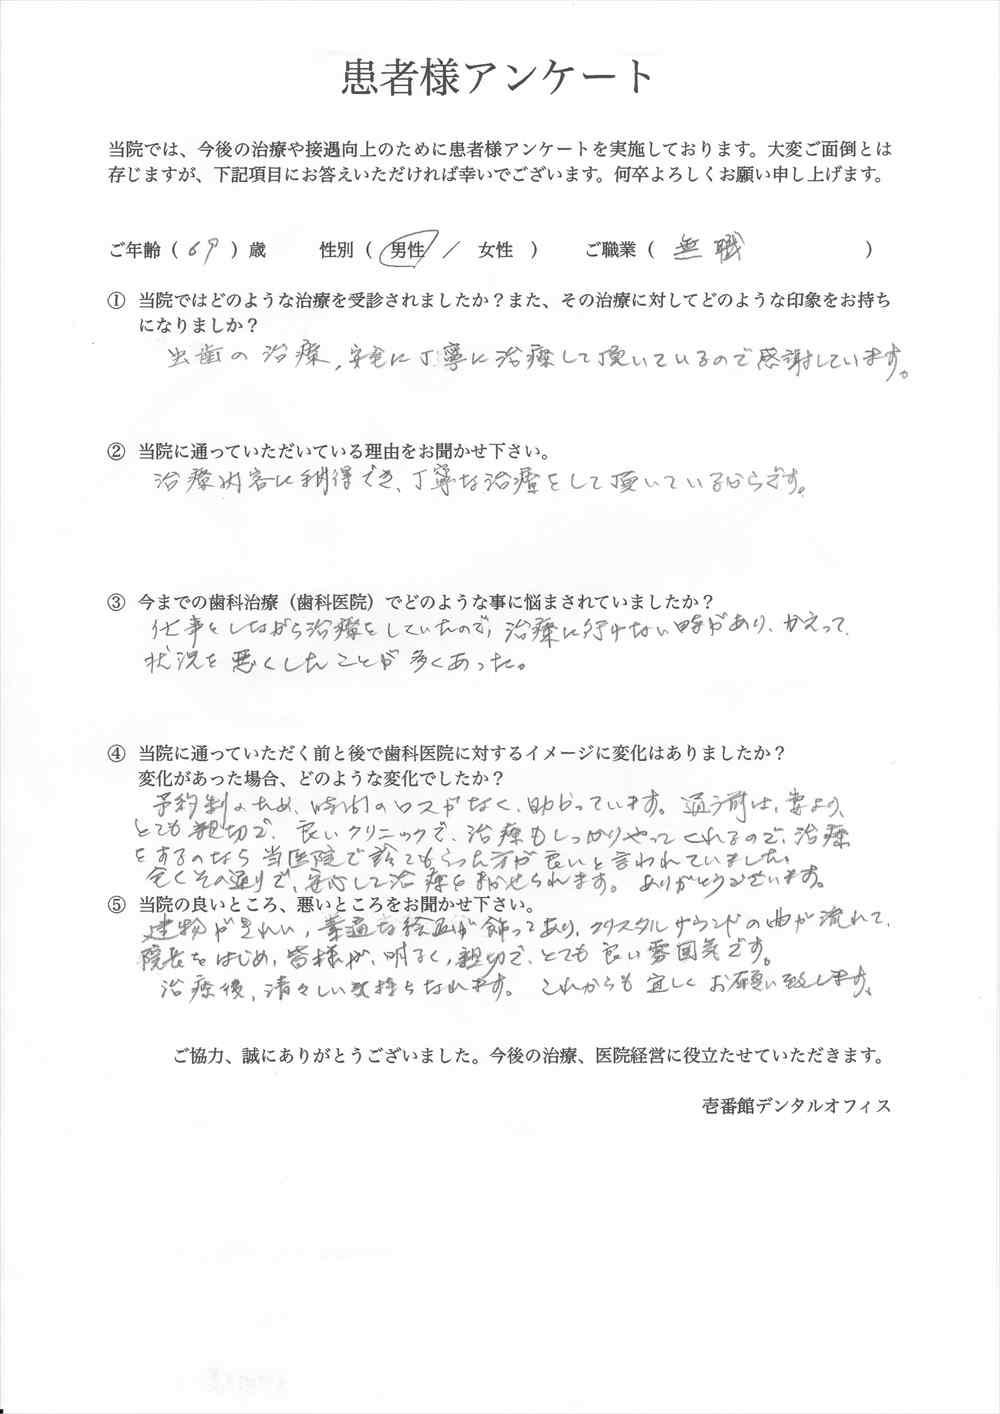 壱番館デンタルオフィス口コミ評判アンケート14